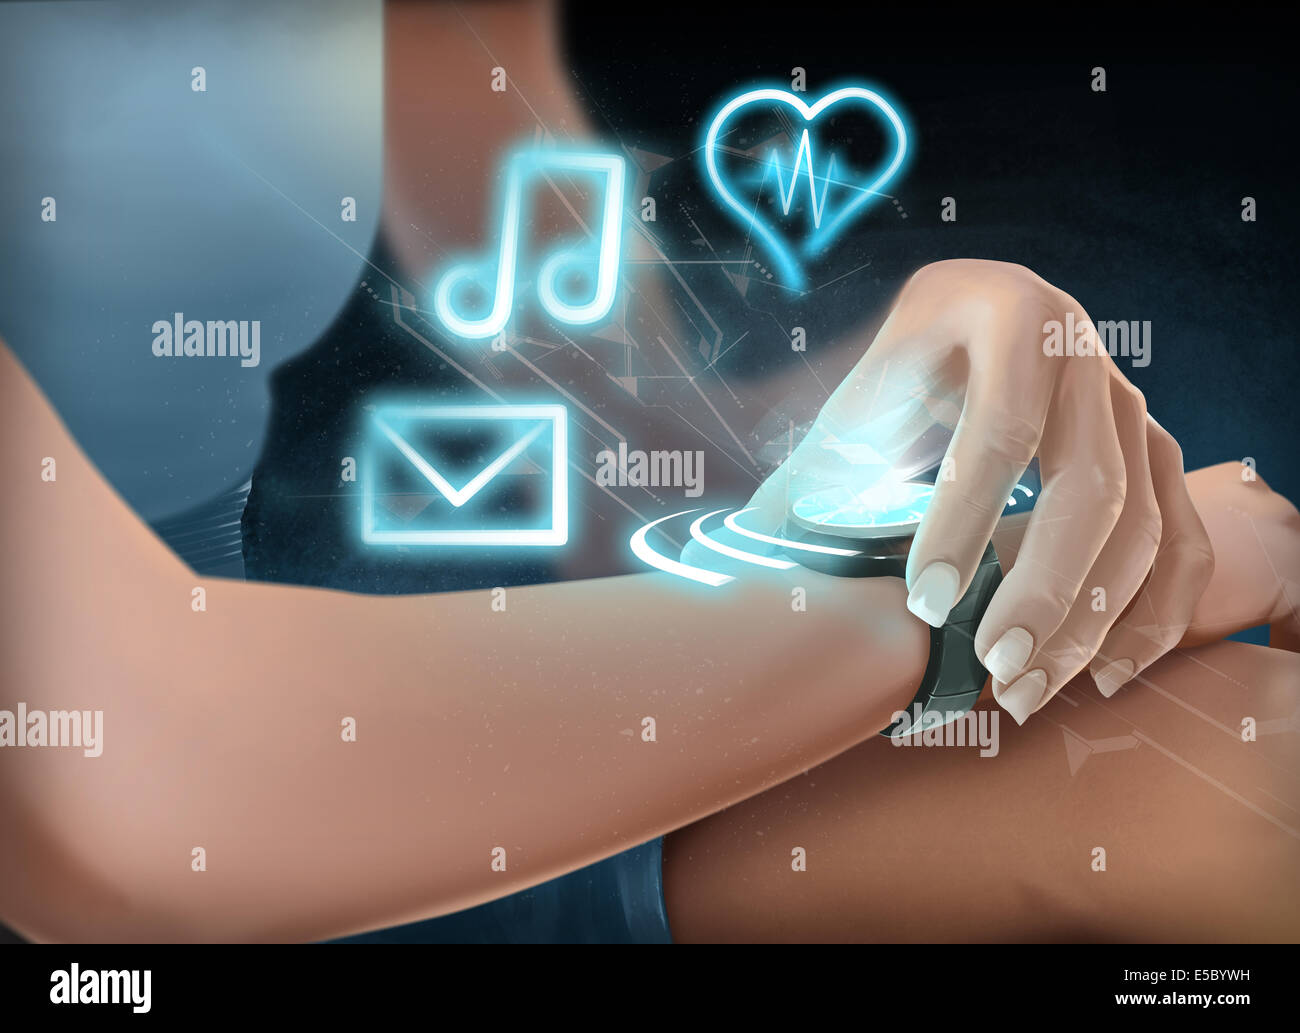 Ilustración de mujer vistiendo reloj futurista Imagen De Stock